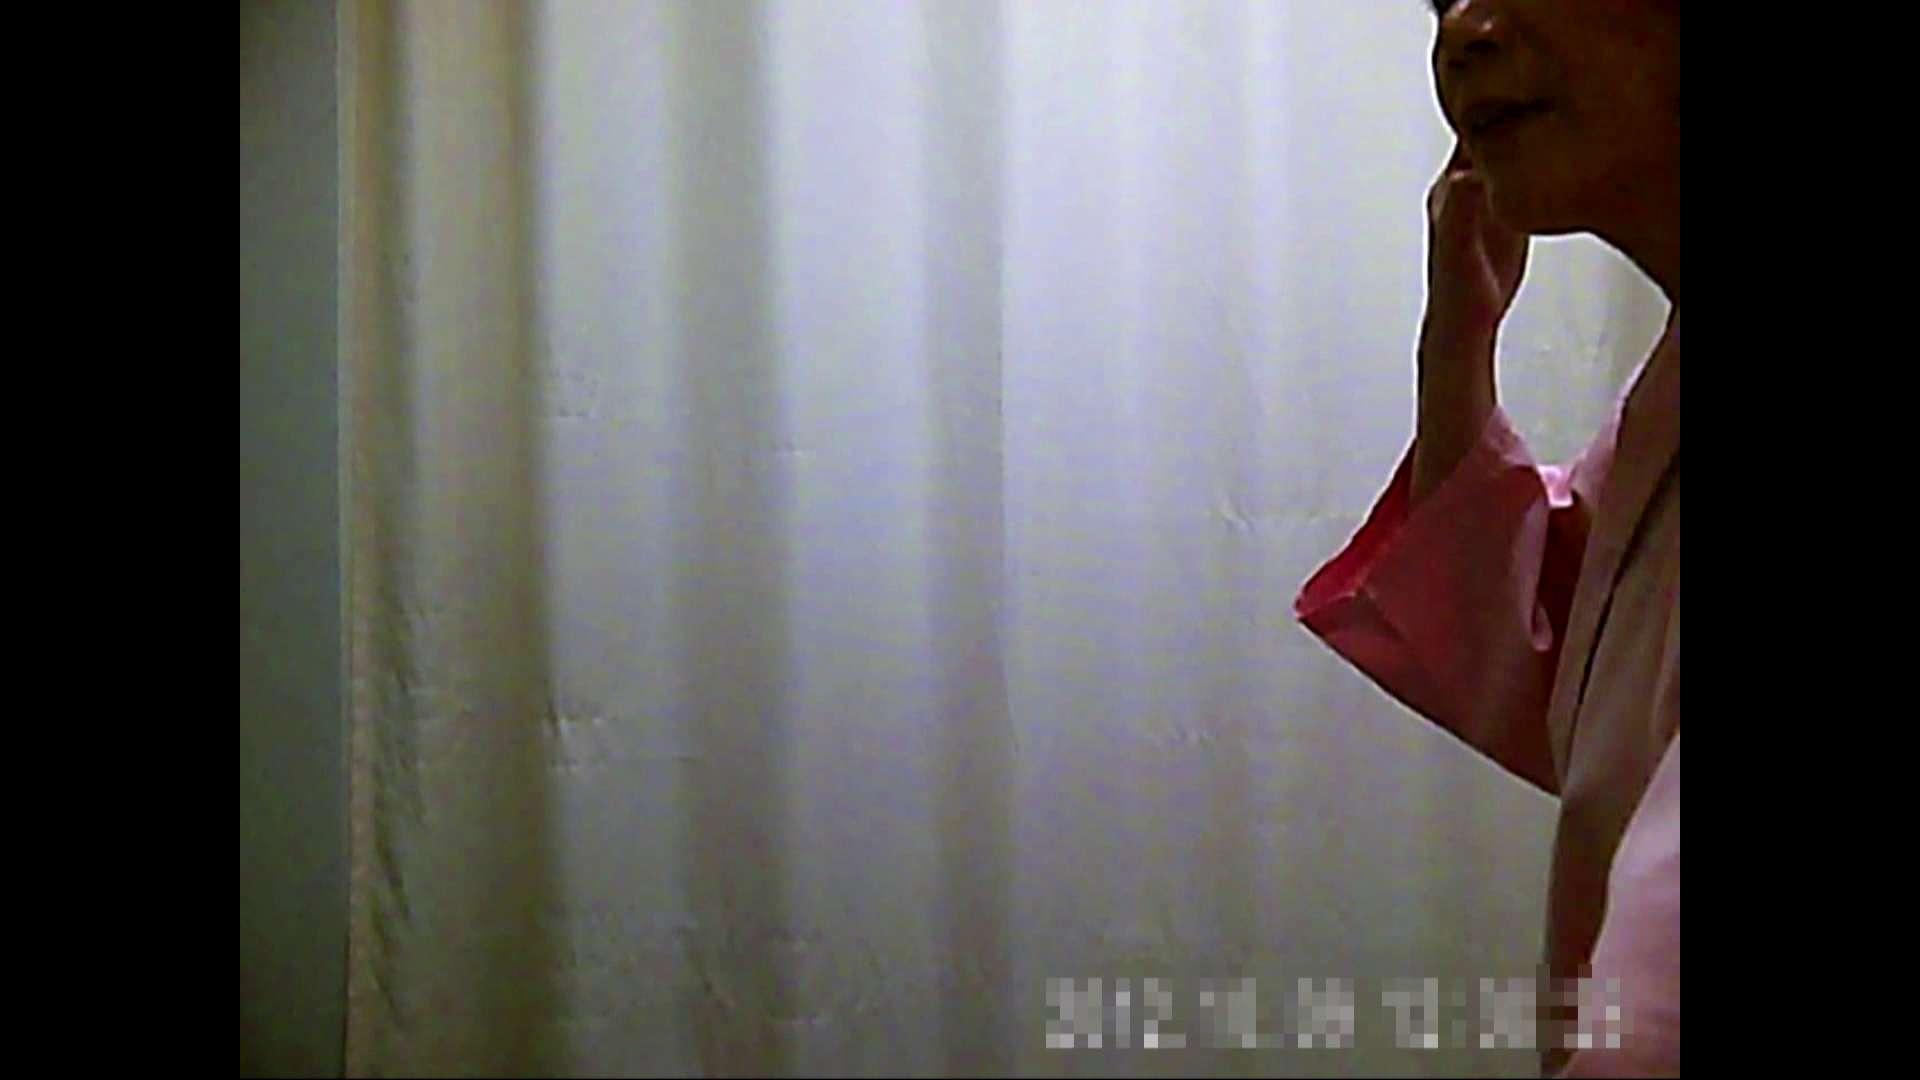 元医者による反抗 更衣室地獄絵巻 vol.066 お姉さんのSEX  79枚 15